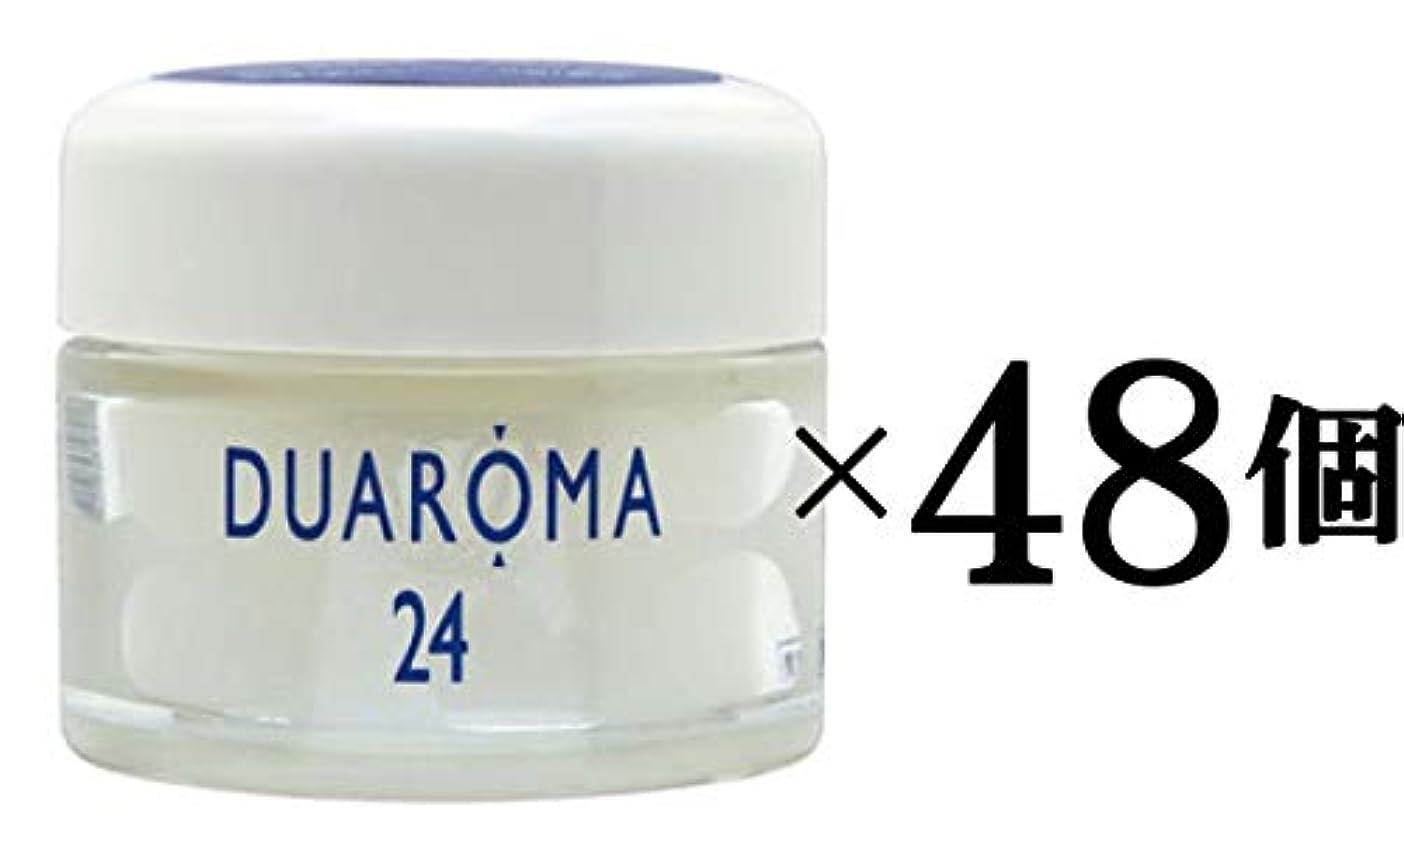 斧領収書対応するデュアロマ24 薬用クリーム 40g× 48個 < 業務用 箱売り >★送料無料 ★老人介護施設で2000人以上を臨床して開発 肌あれ、あせも、しもやけ、ひび、あかぎれなどに